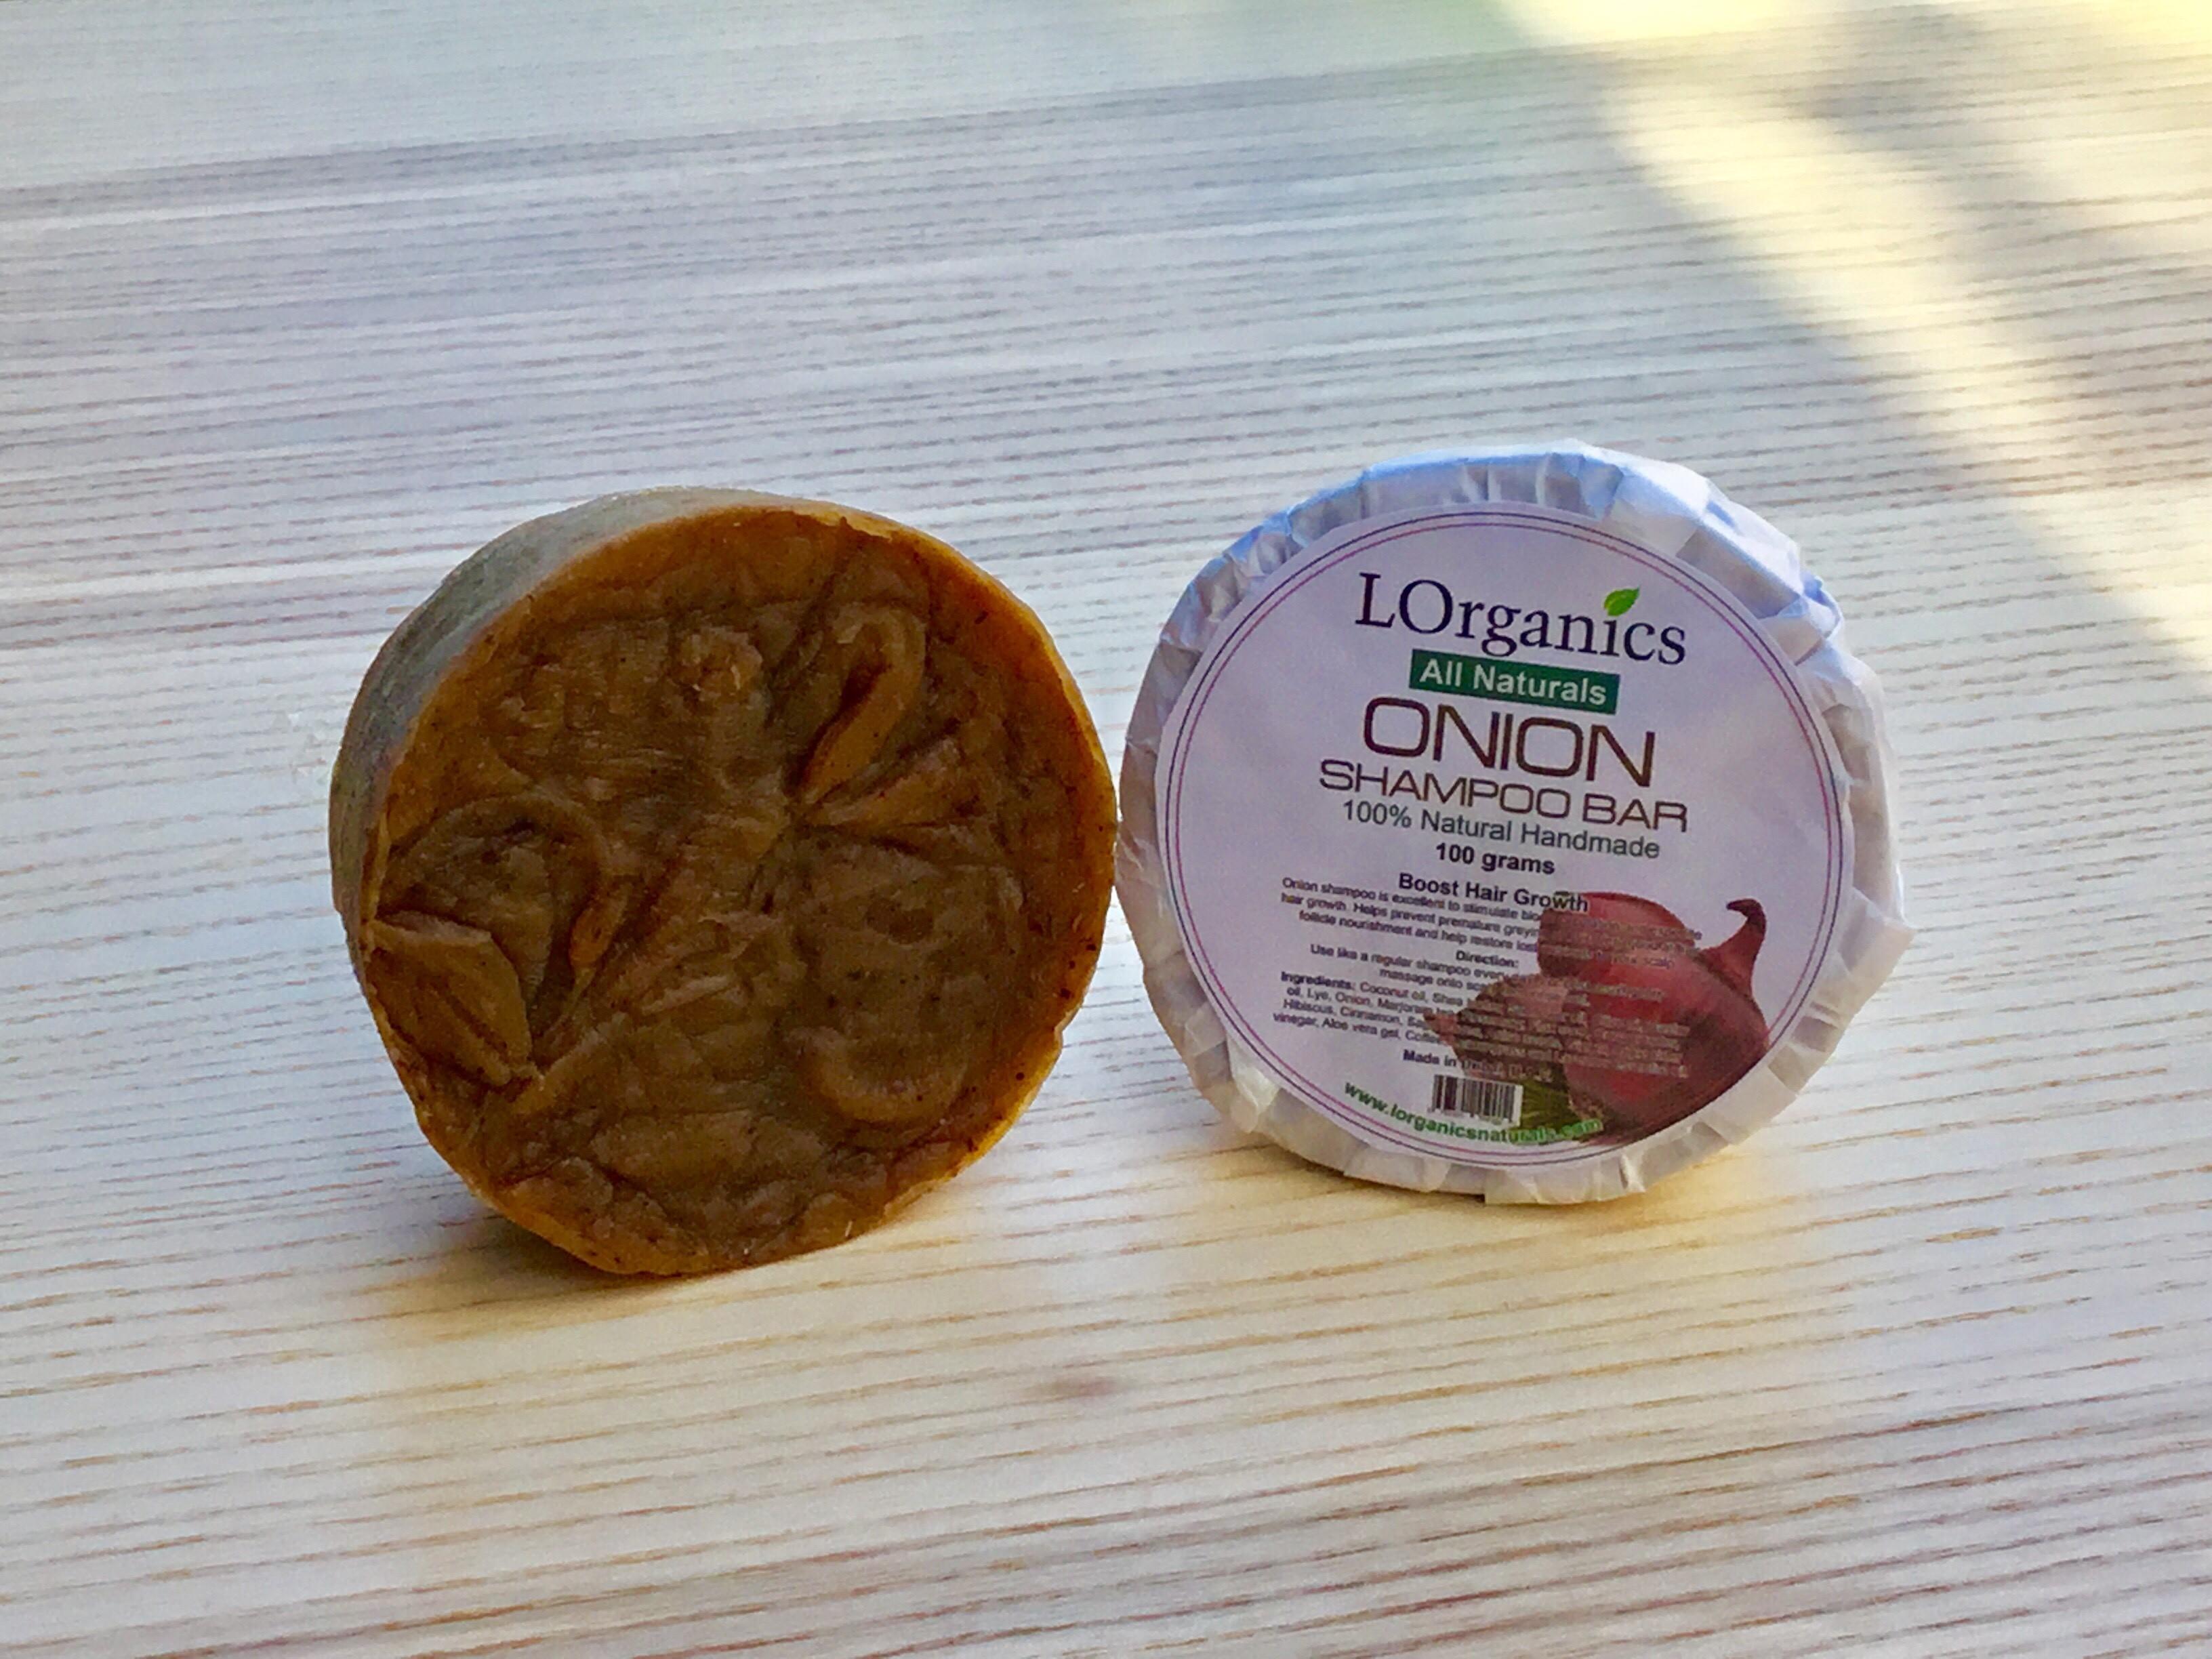 Onion Shampoo Bar 100% Natural Handmade - Boost Hair Growth